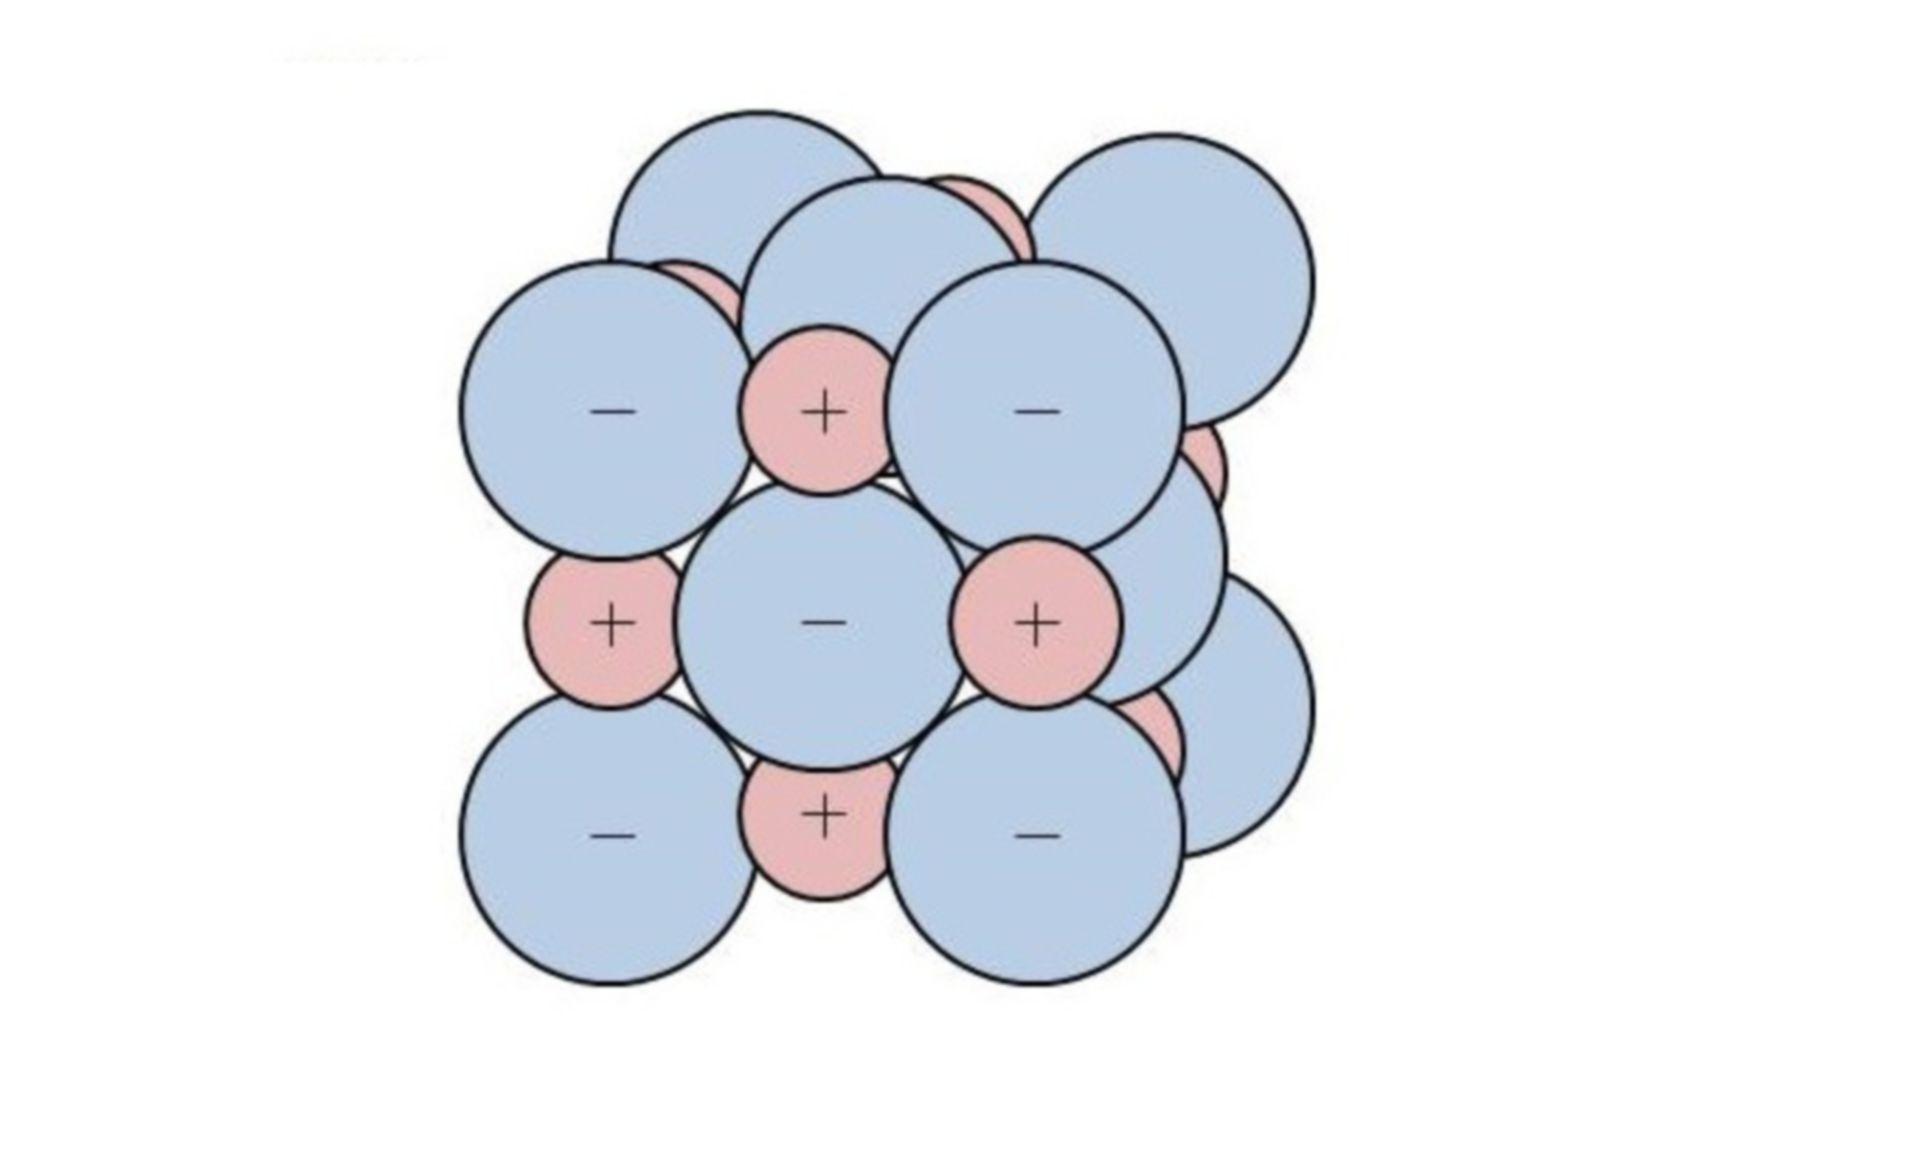 Ion lattice cutting of lithium fluoride